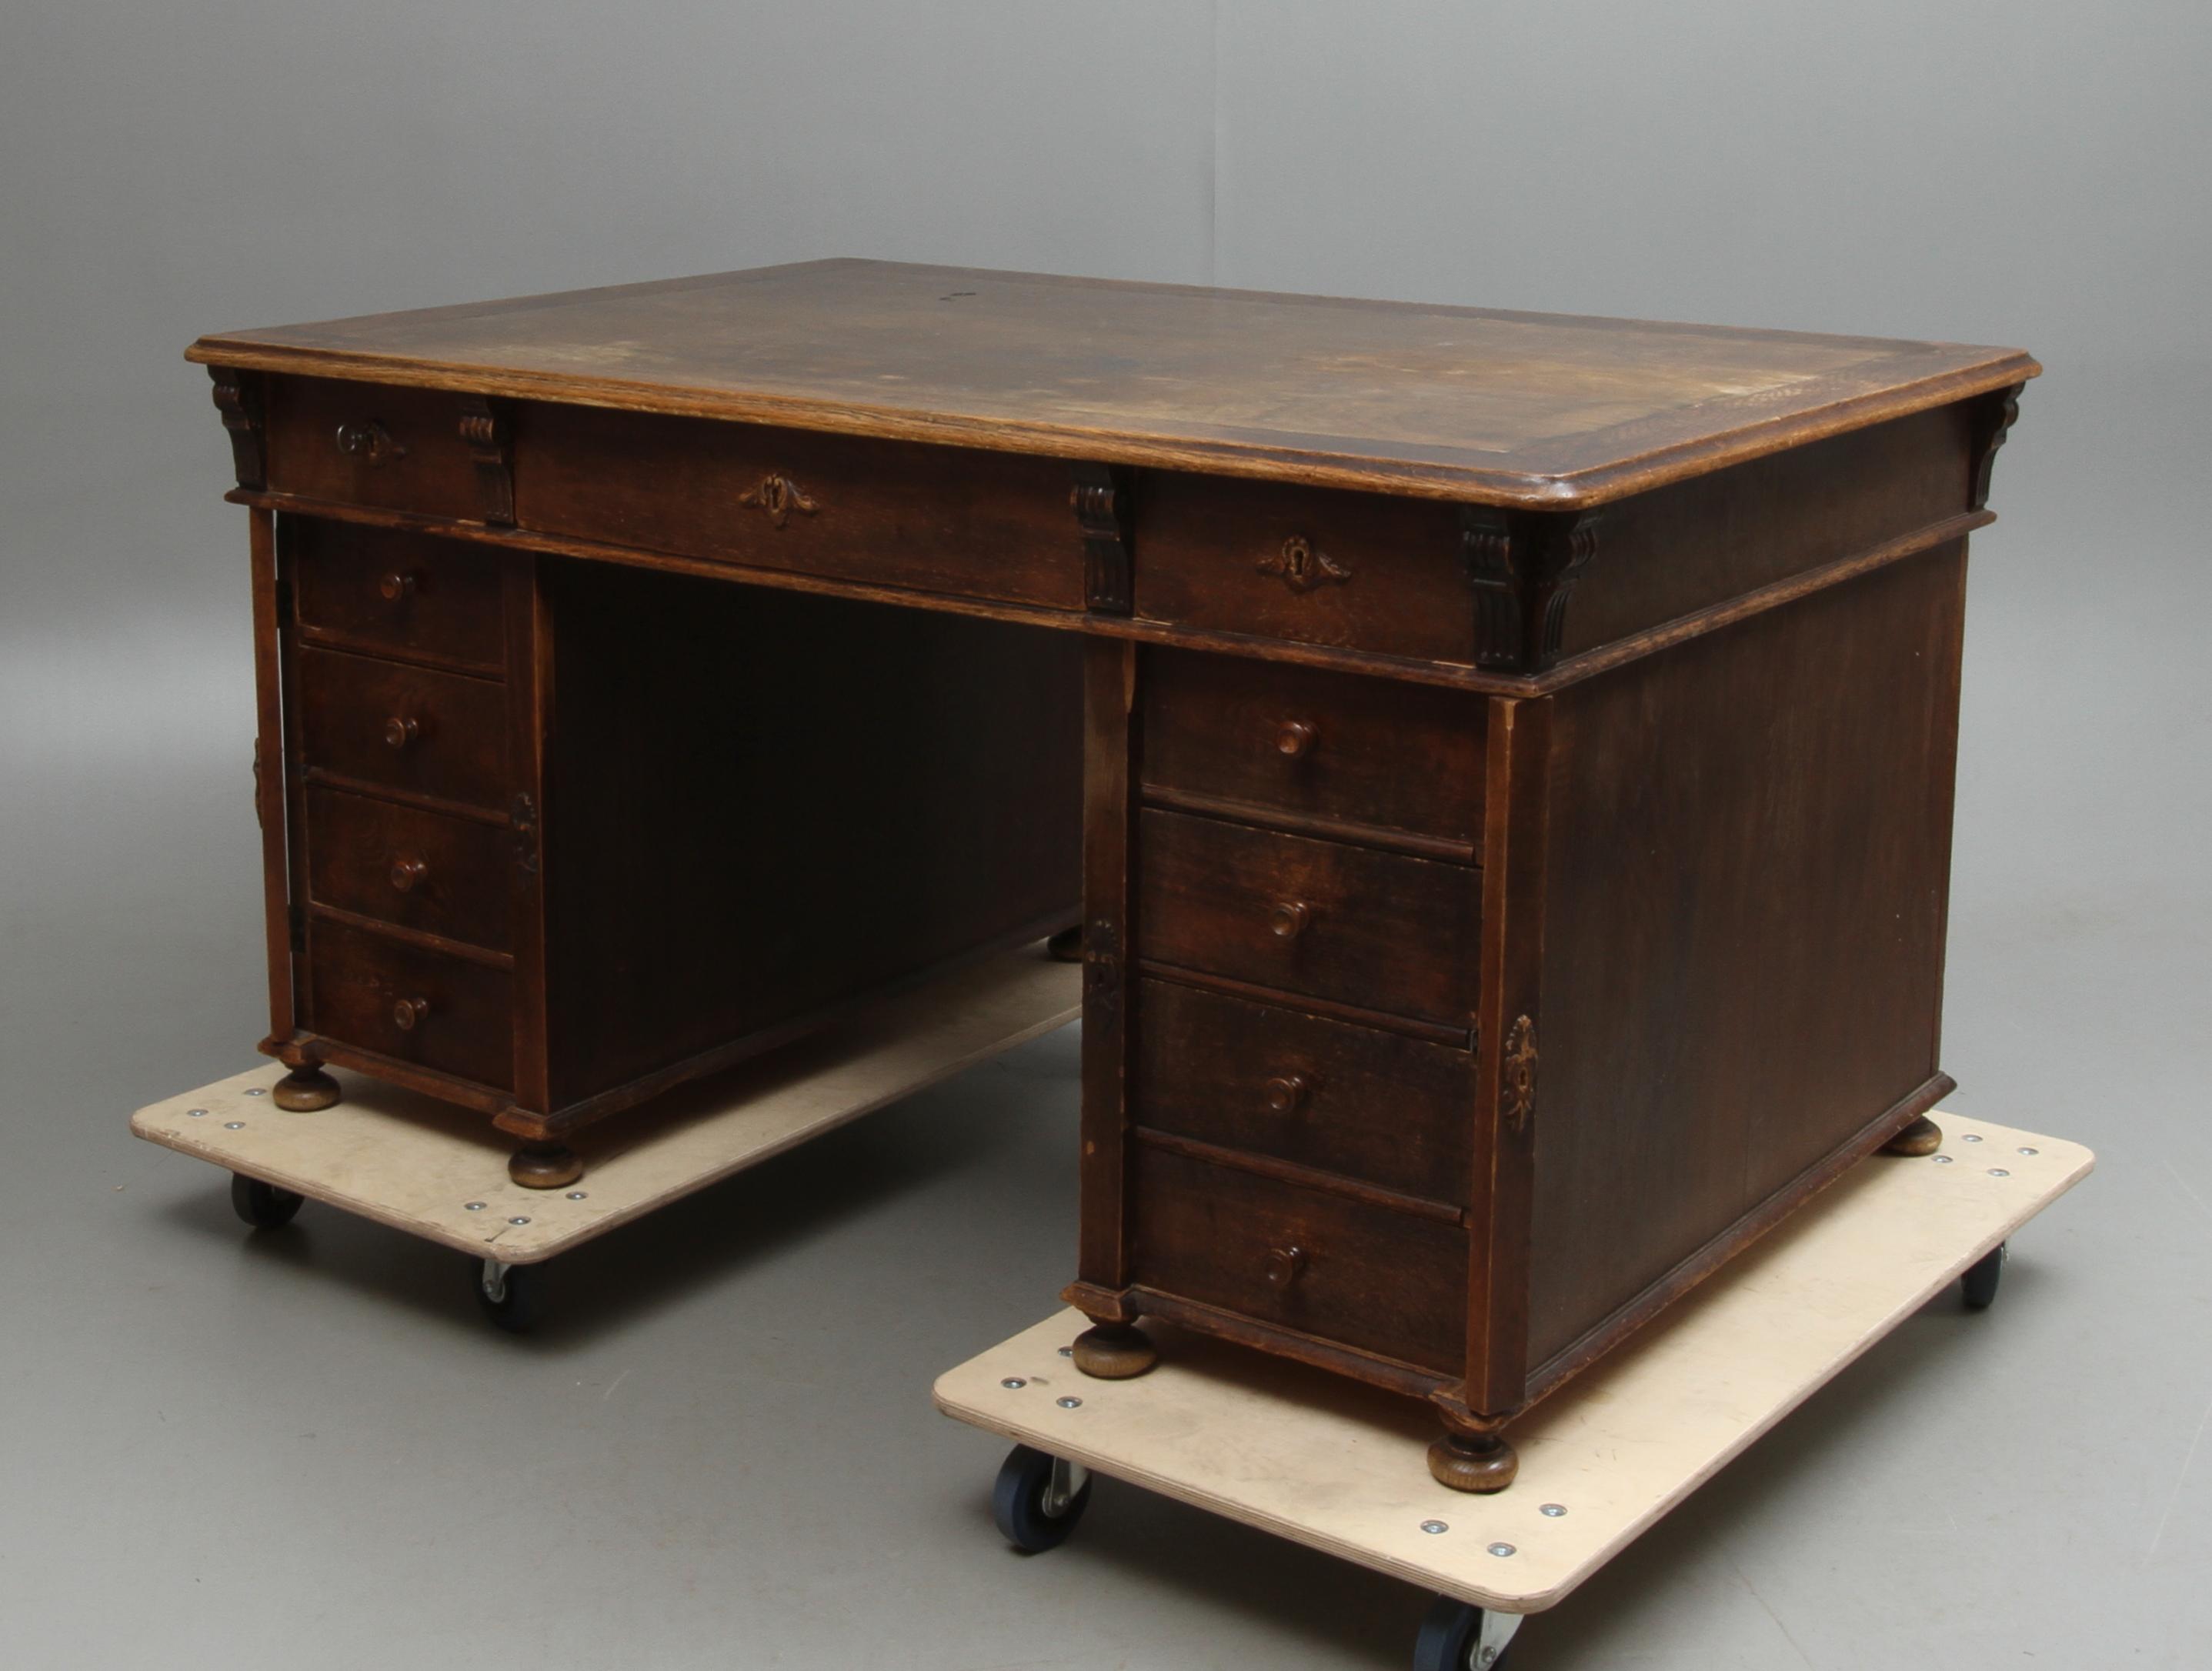 SKRIVBORD, dubbelsidig fristående, 1900 tal. Möbler Bord